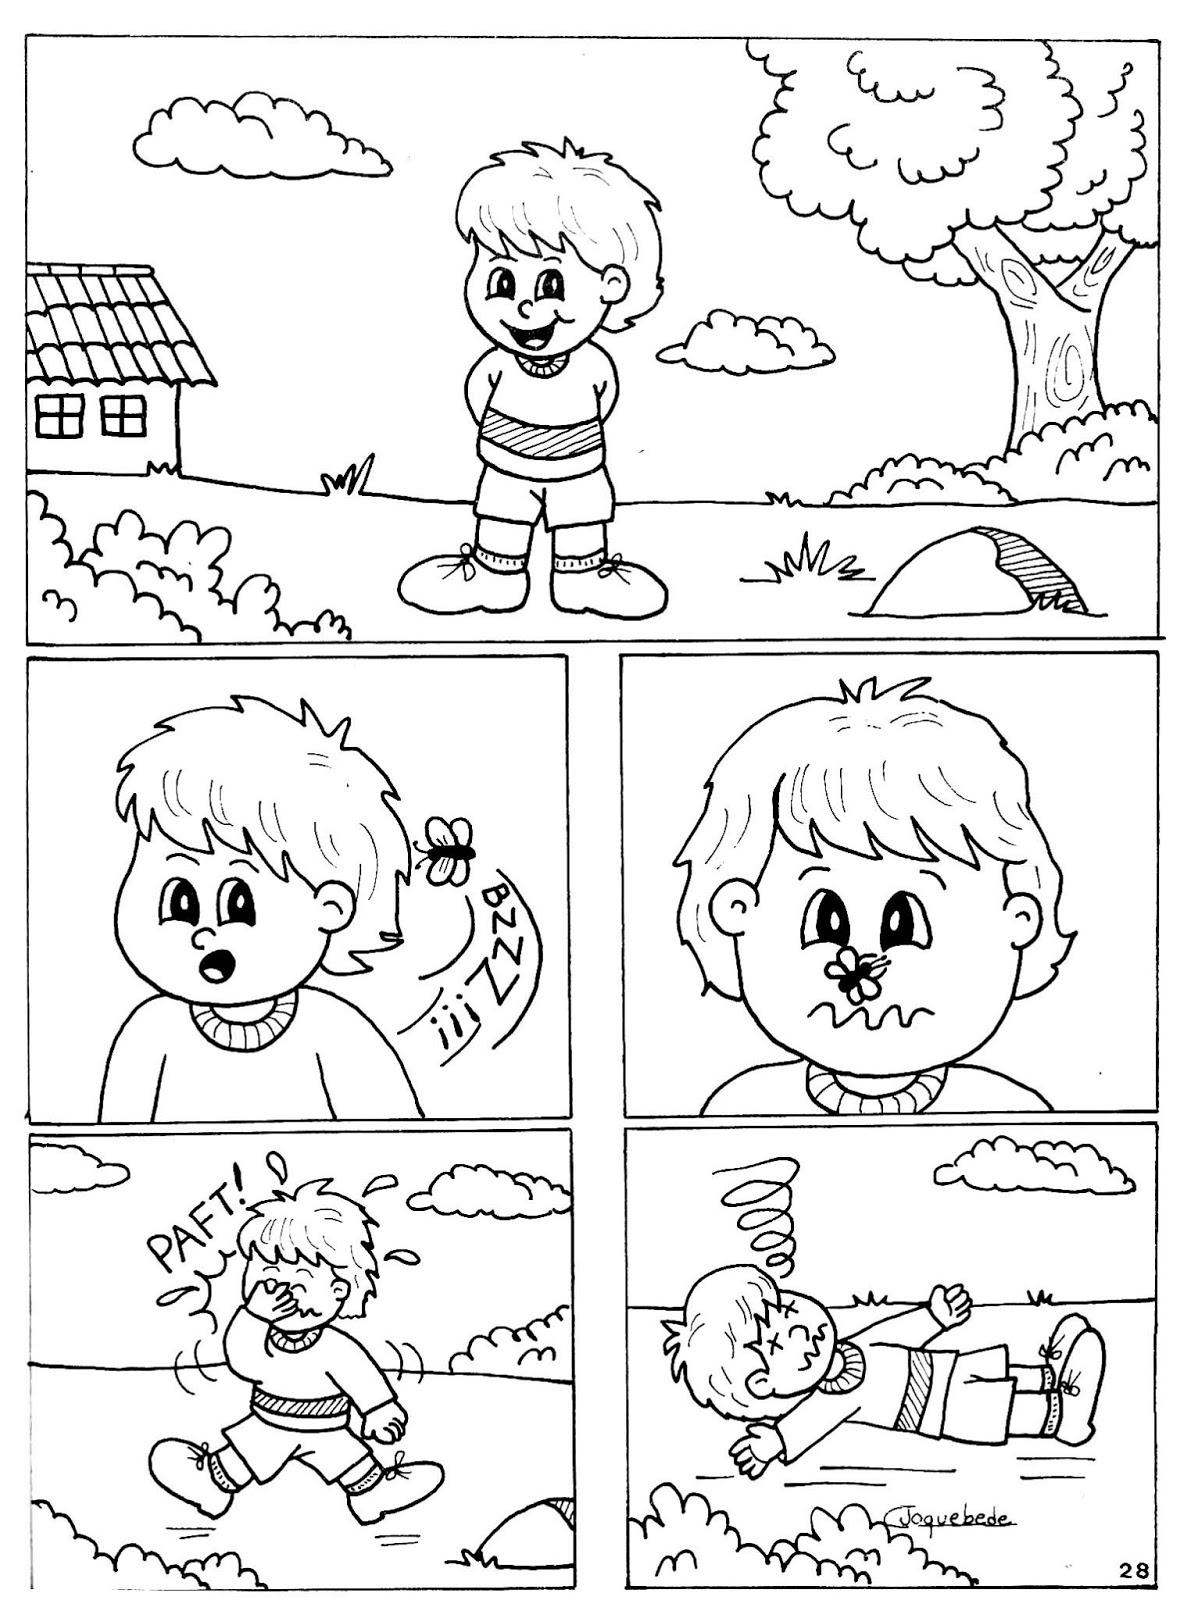 Amado Educação.com - Professores online.: Desenhos para produção de texto. KL19